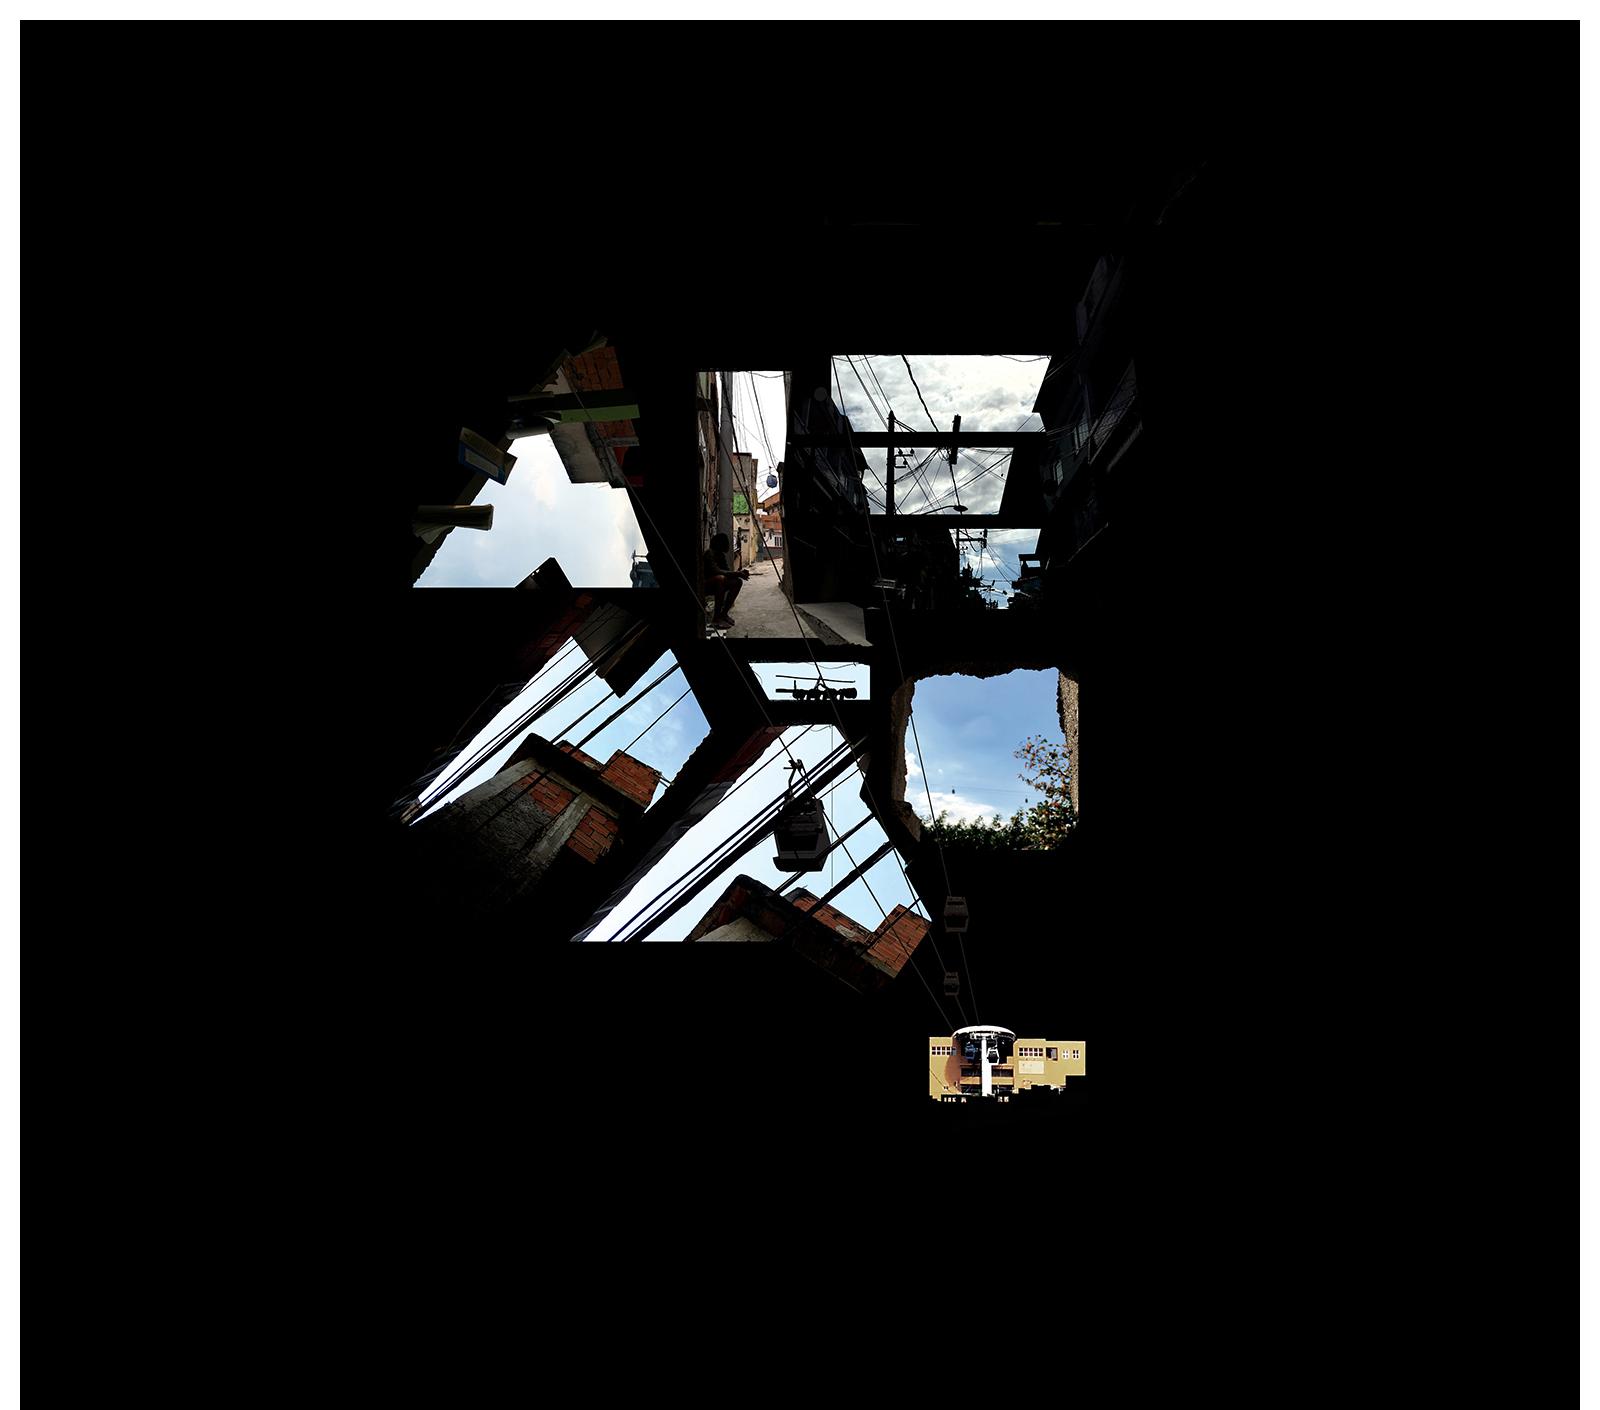 favela_img_01